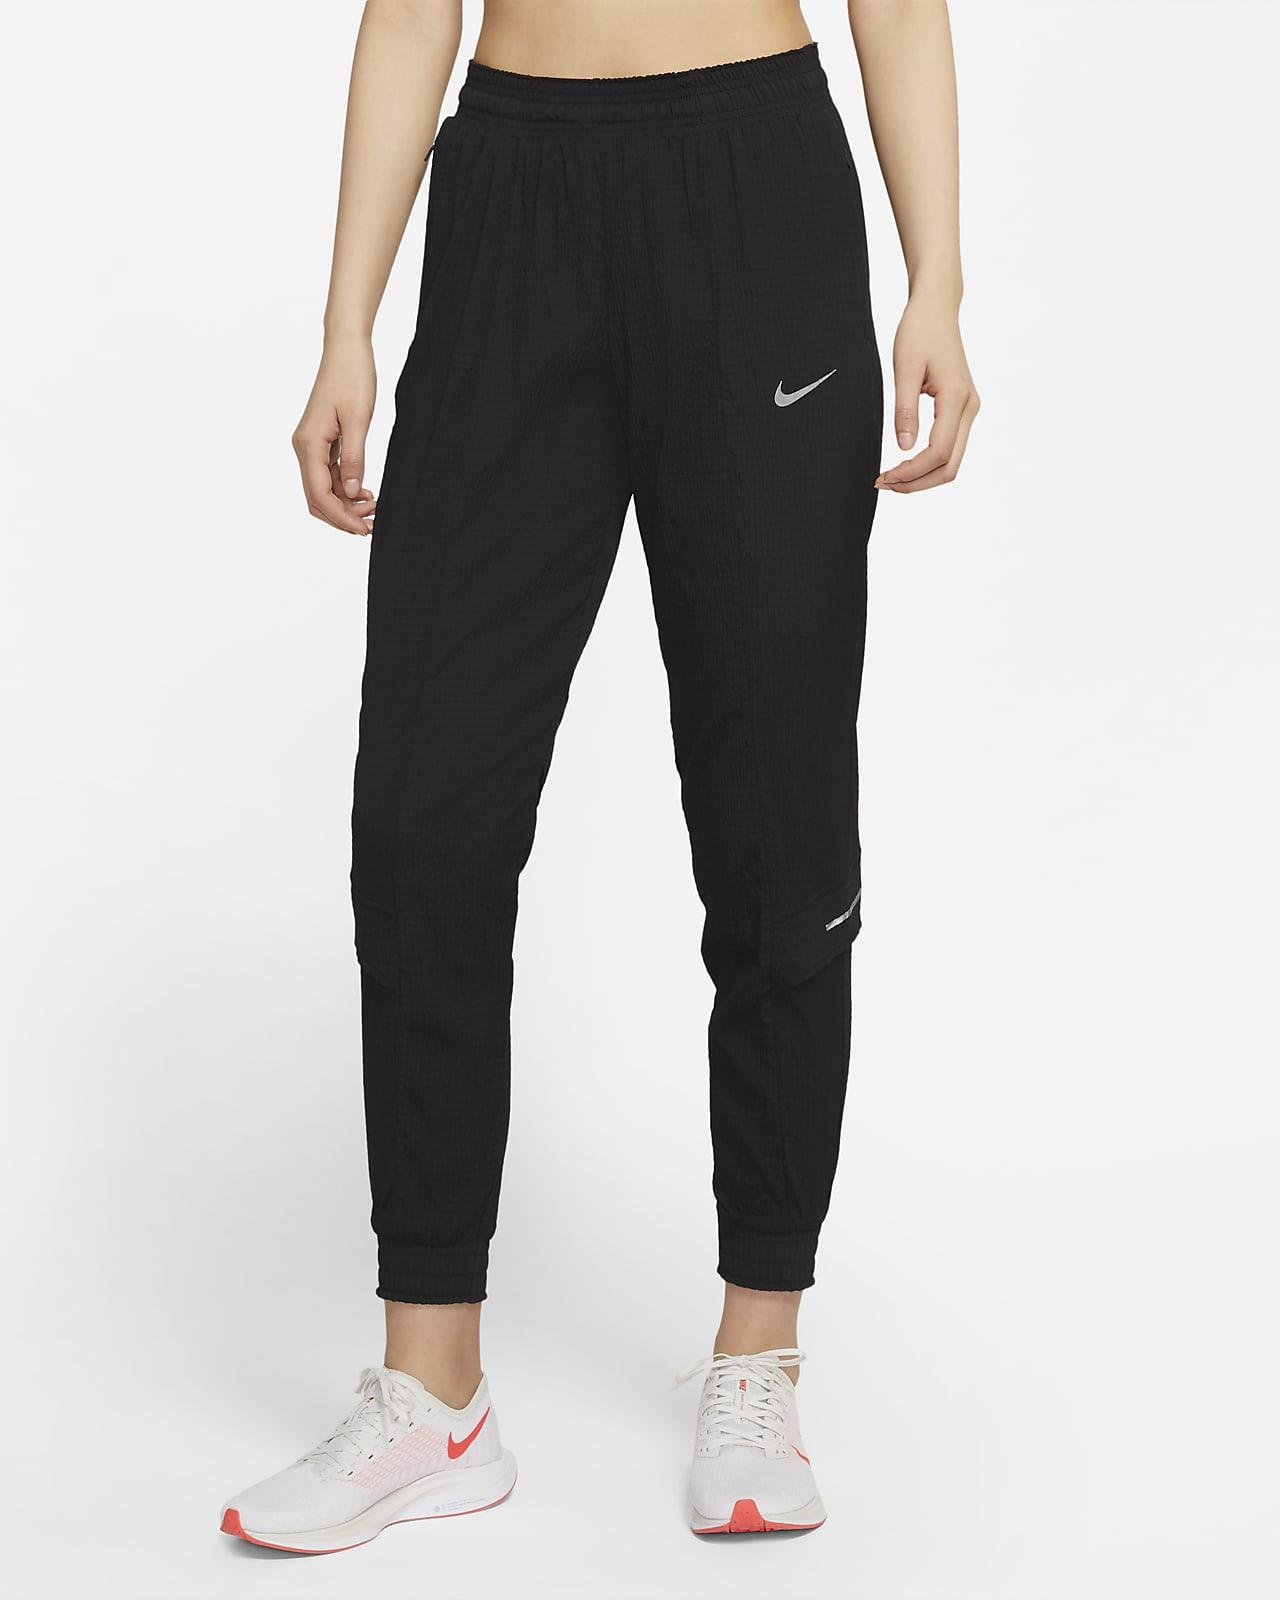 Nike Run Division Swift 女款可收納跑步長褲